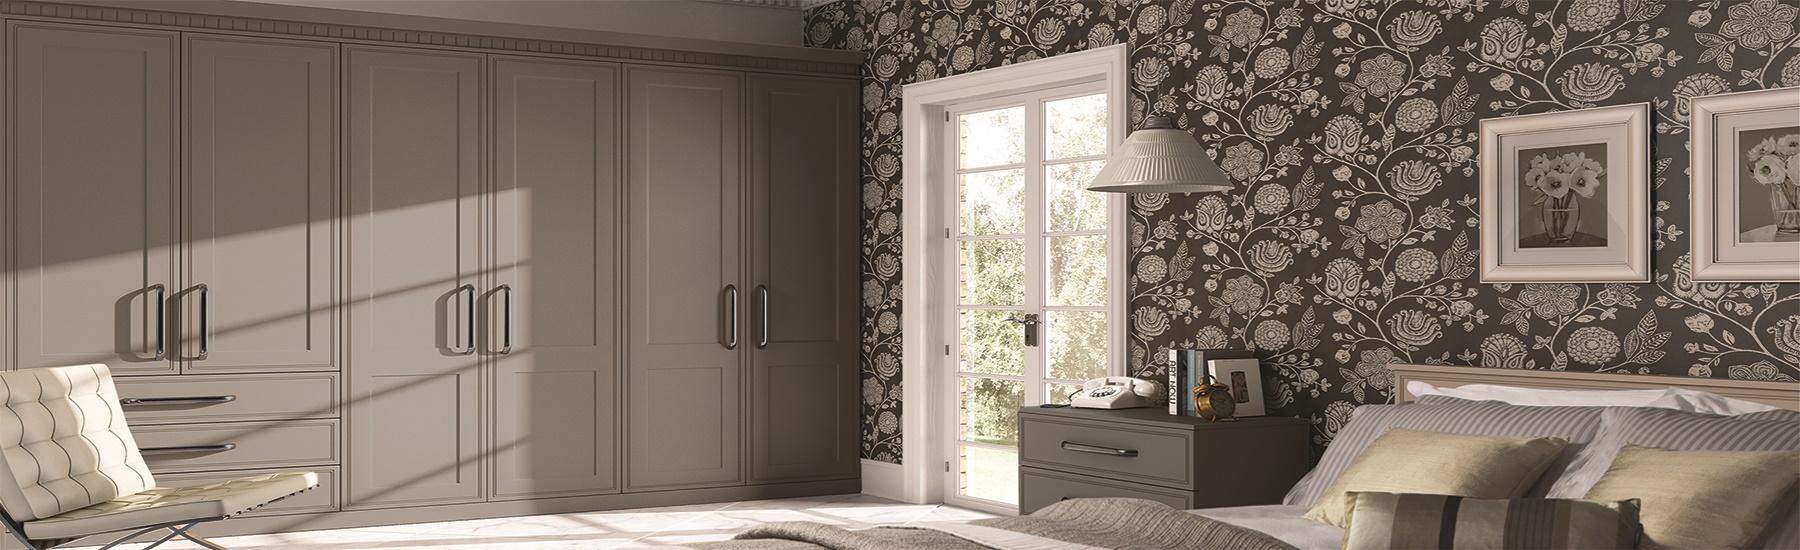 wardrobe-doors1